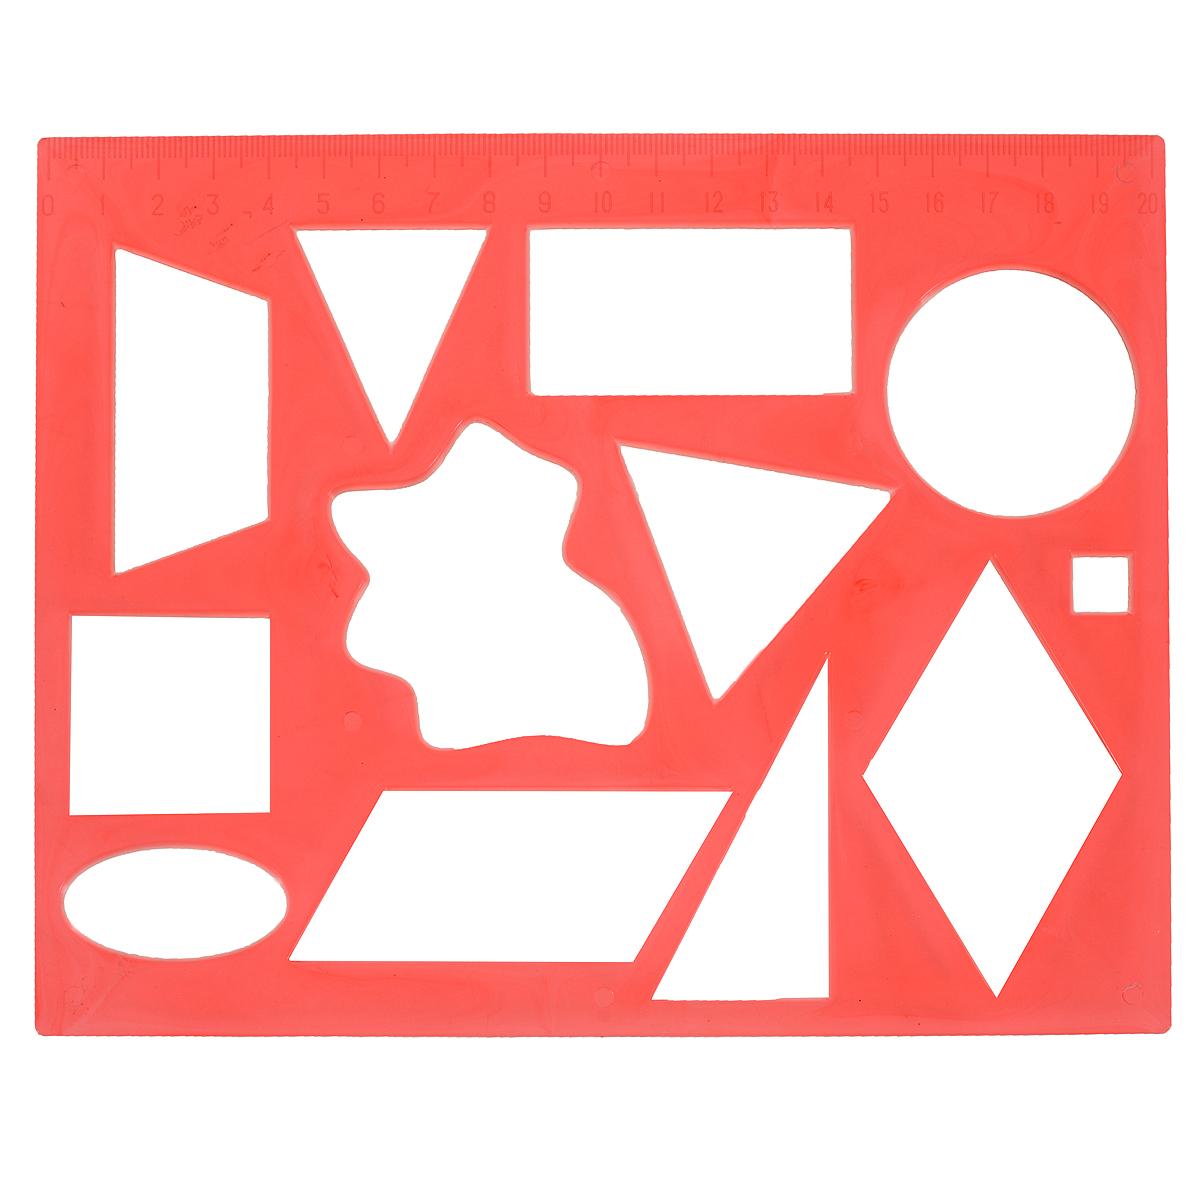 Трафарет Луч Геометрические фигуры № 2, цвет: красный12С 837-08Трафарет Геометрические фигуры № 2, изготовленный из безопасного пластика, предназначен для удобного и быстрого изображения геометрических фигур и их комбинаций, а также для создания аппликаций. В трафарете вырезаны фигуры разной величины: круг, квадрат, треугольник, прямоугольник, ромб, овал, трапеция. На одной стороне трафарета линейка 20 см. Трафарет позволяет ребенку выучить названия и вид различных фигур, одновременно развивая мелкую моторику и навыки рисования, а также может применяться для оформительских работ.